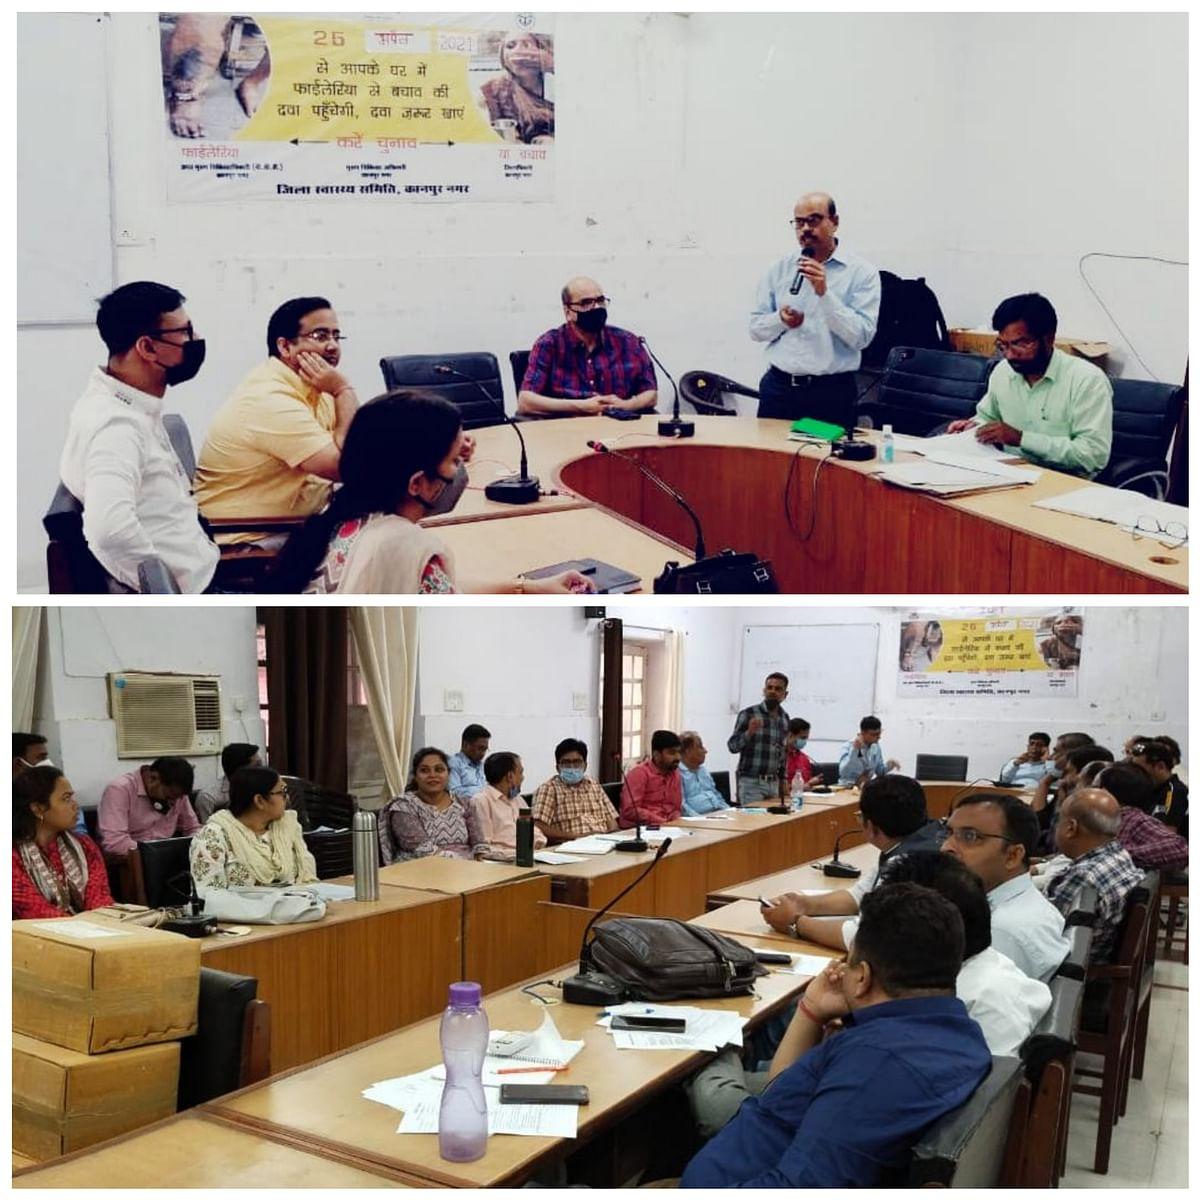 कानपुर में फाइलेरिया उन्मूलन अभियान 26 अप्रैल से होगा शुरू - डॉ. जीके मिश्रा